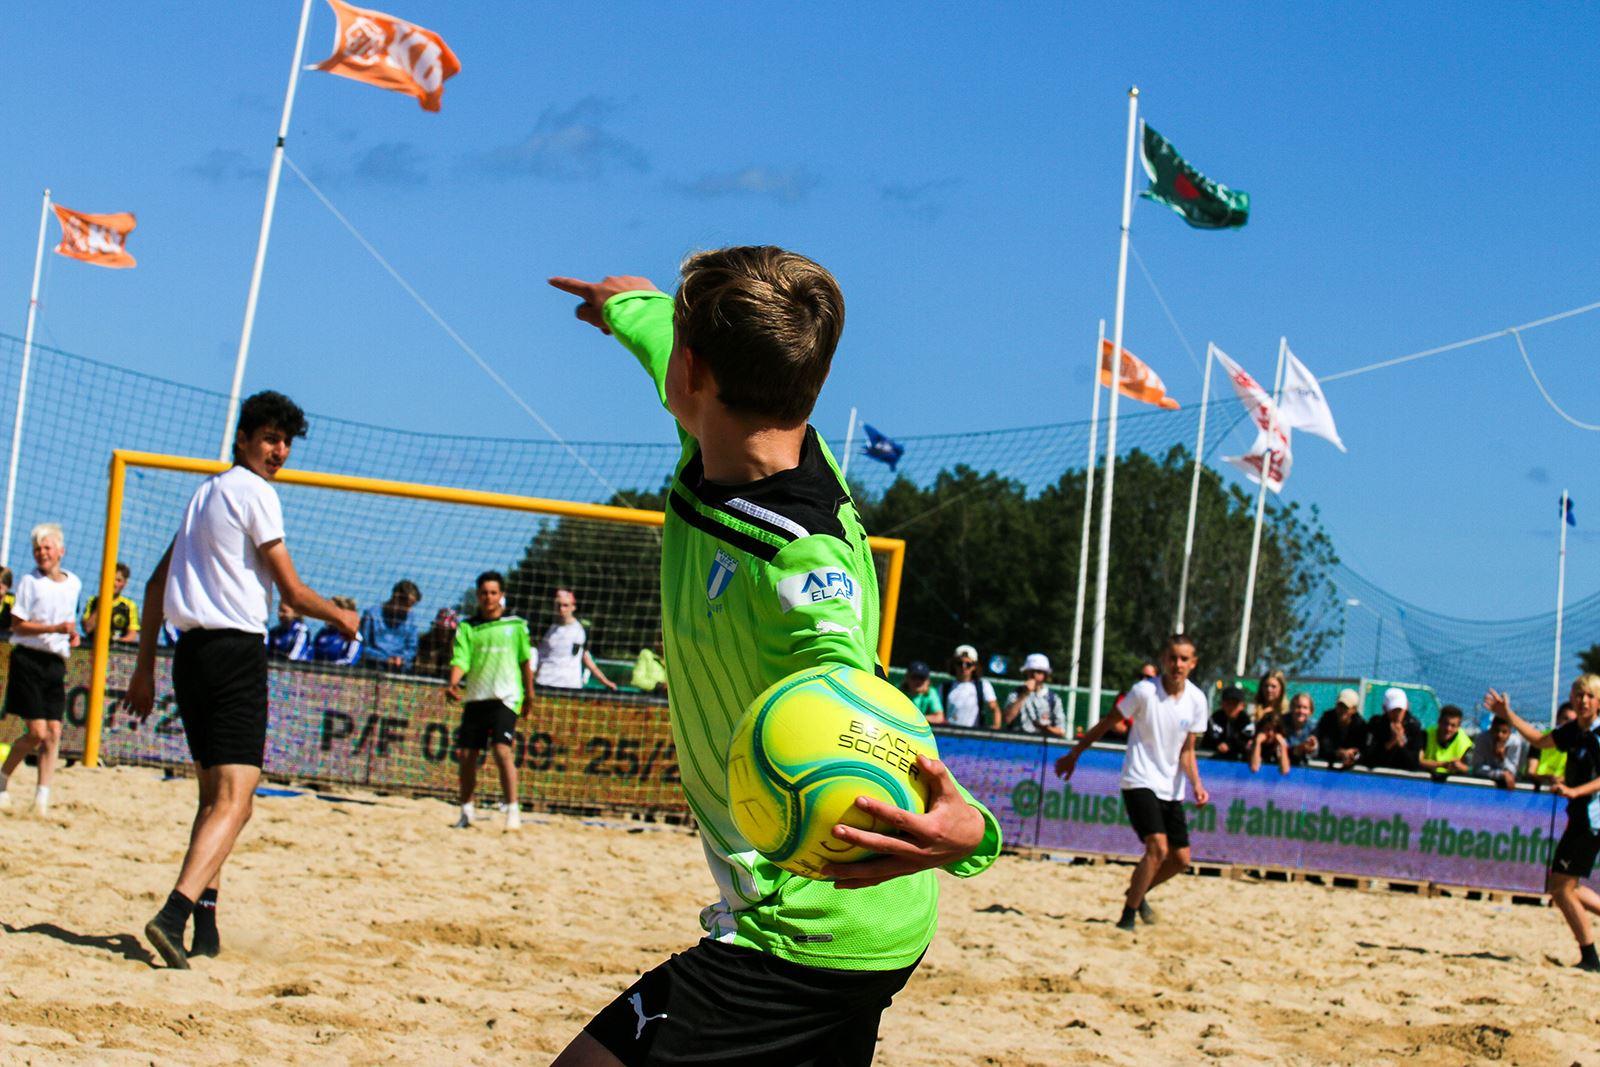 Veckoband till Åhus Beachfotboll